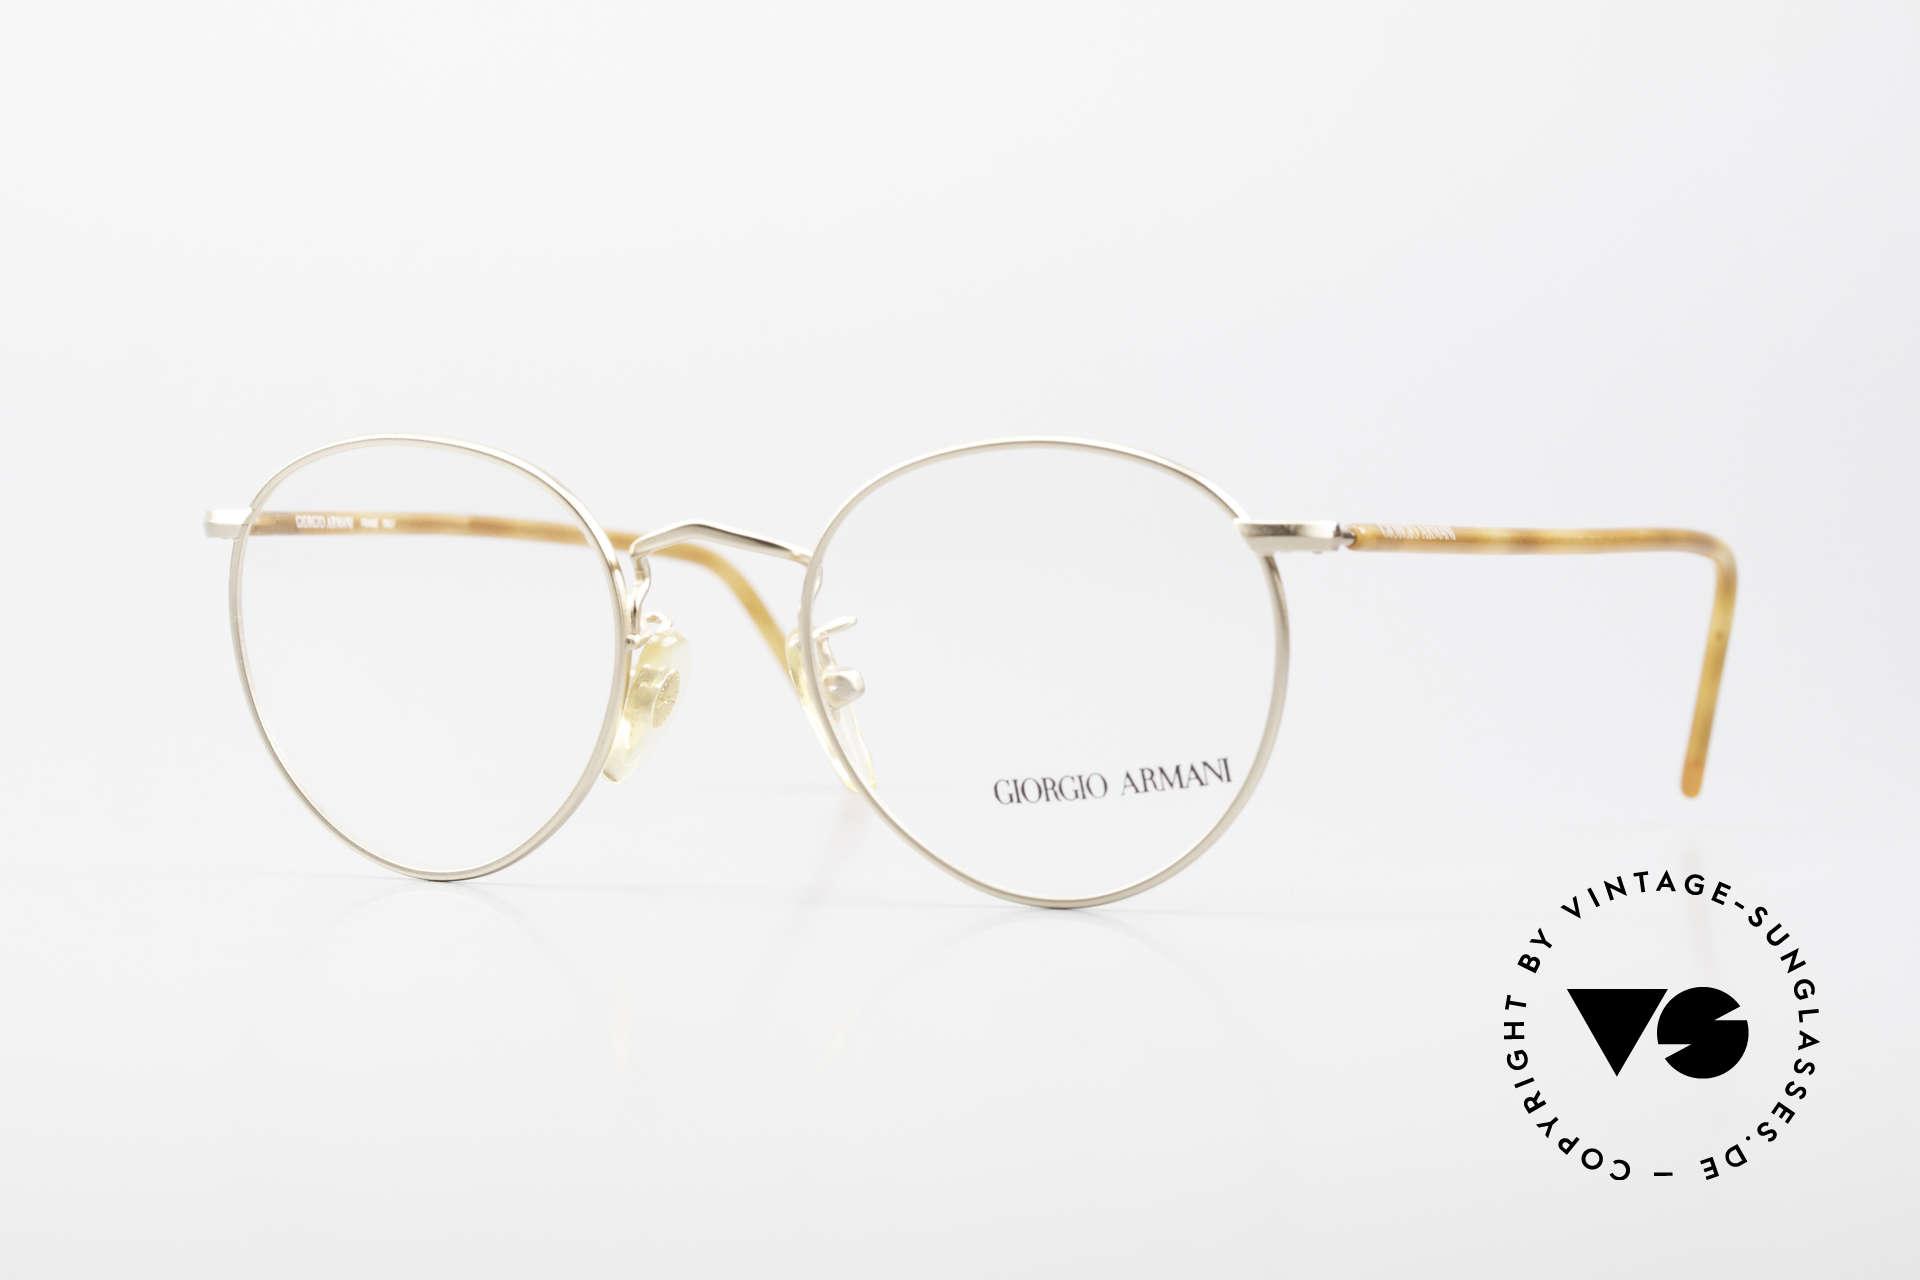 Giorgio Armani 138 Vintage Panto Eyeglasses 90's, timeless vintage Giorgio Armani designer eyeglasses, Made for Men and Women